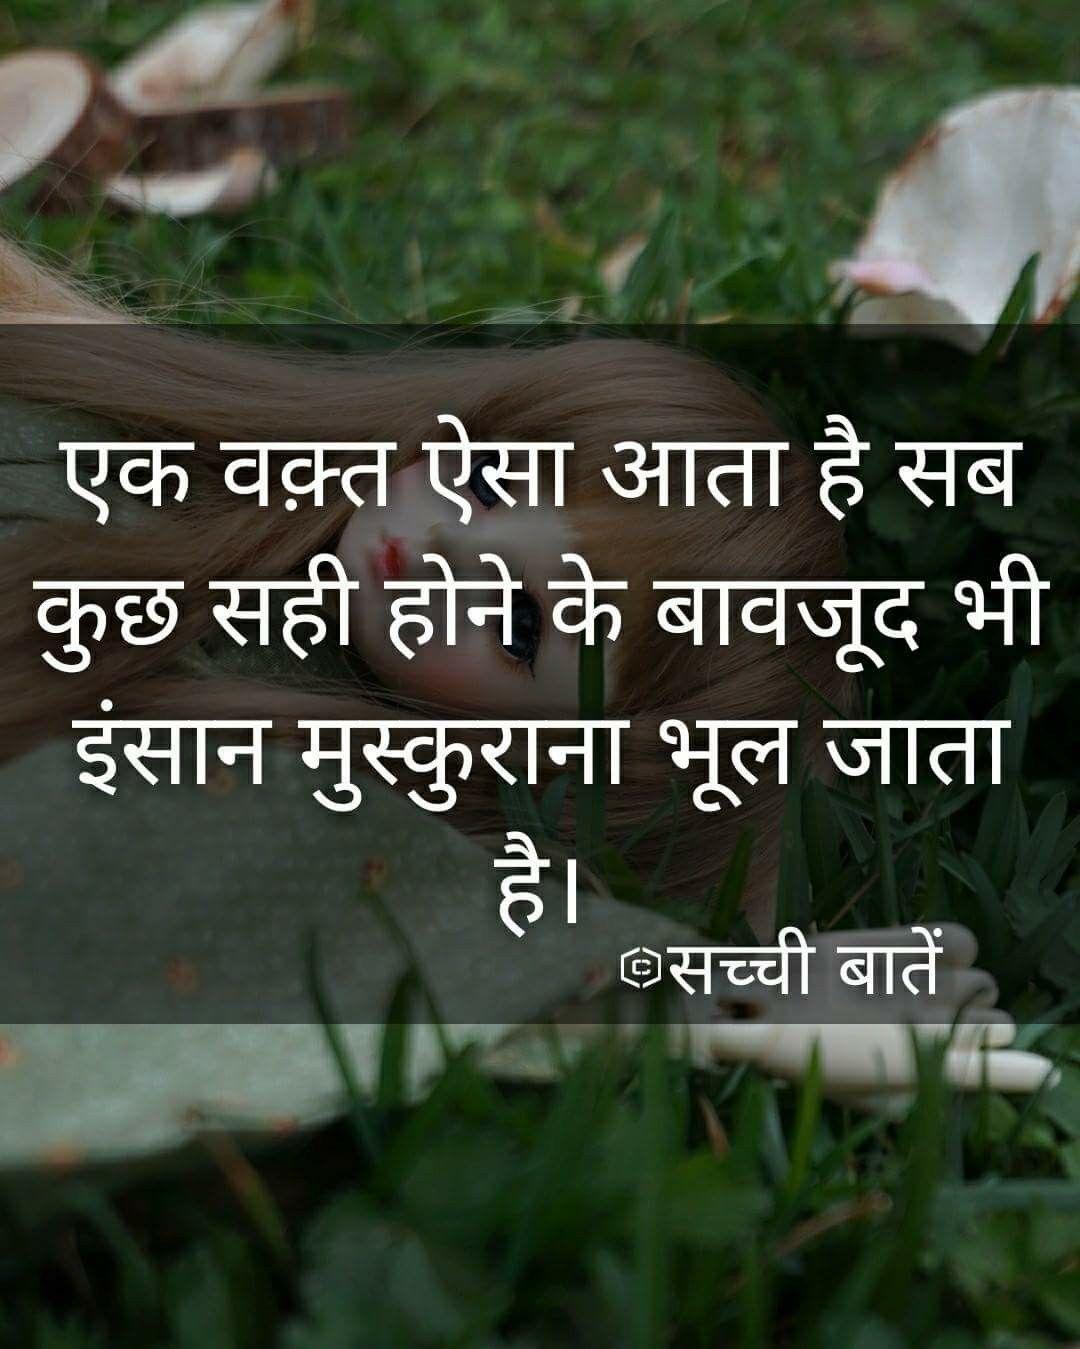 Shayari Poetry Hindi Quotes Strong Words Good Life Quotes Hindi Quotes Feelings Words